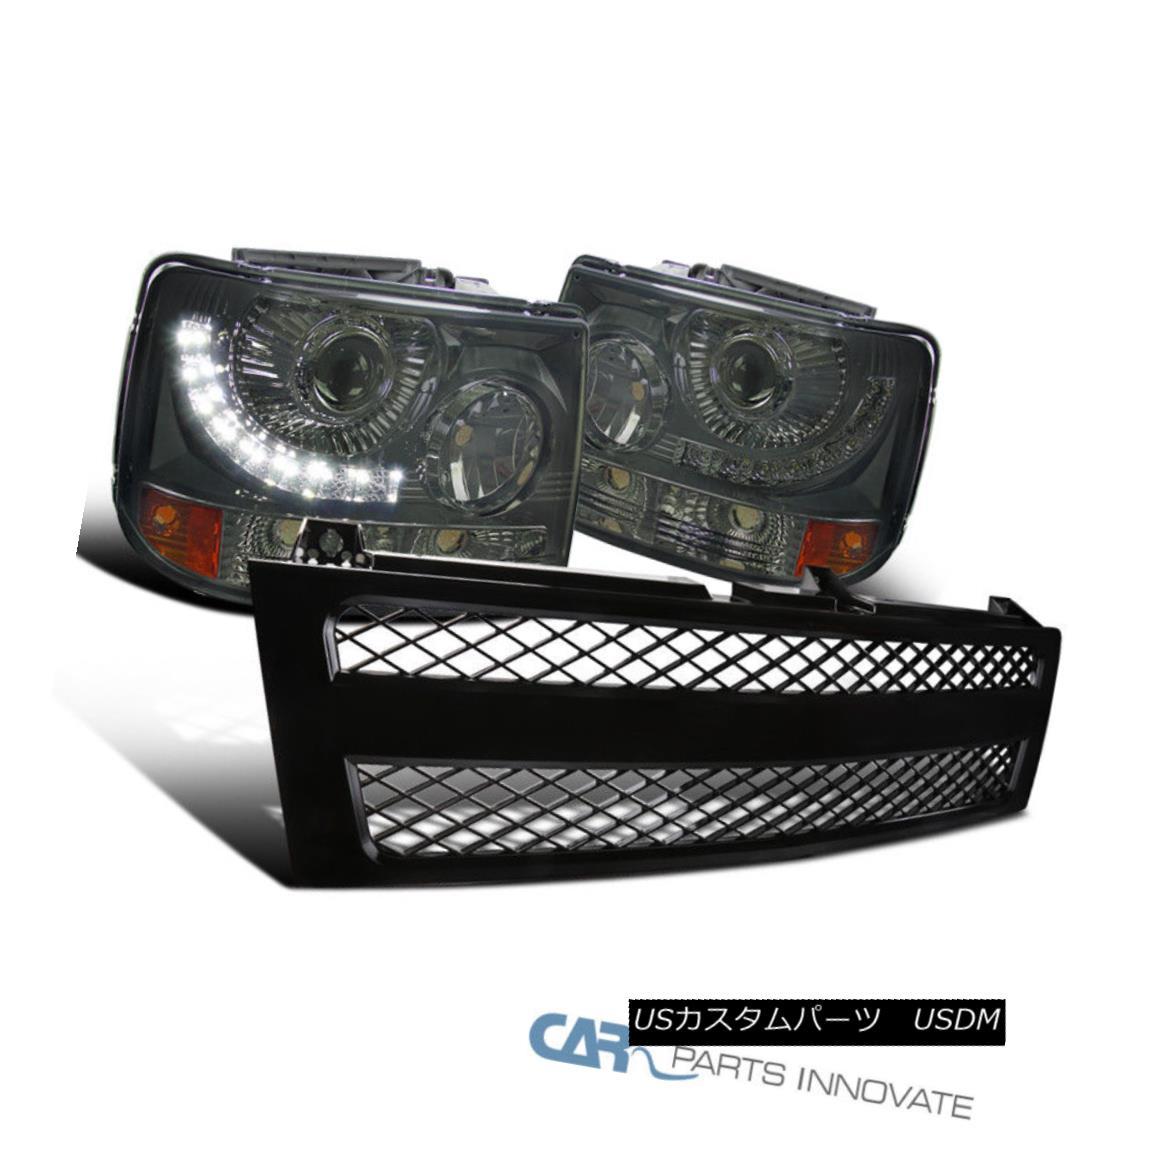 グリル 99-02 Silverado 2in1 LED DRL Smoke Lens Projector Headlights+Black Mesh Grille 99-02 Silverado 2in1 LED DRLスモークレンズプロジェクターヘッドライト+ Bla ckメッシュグリル